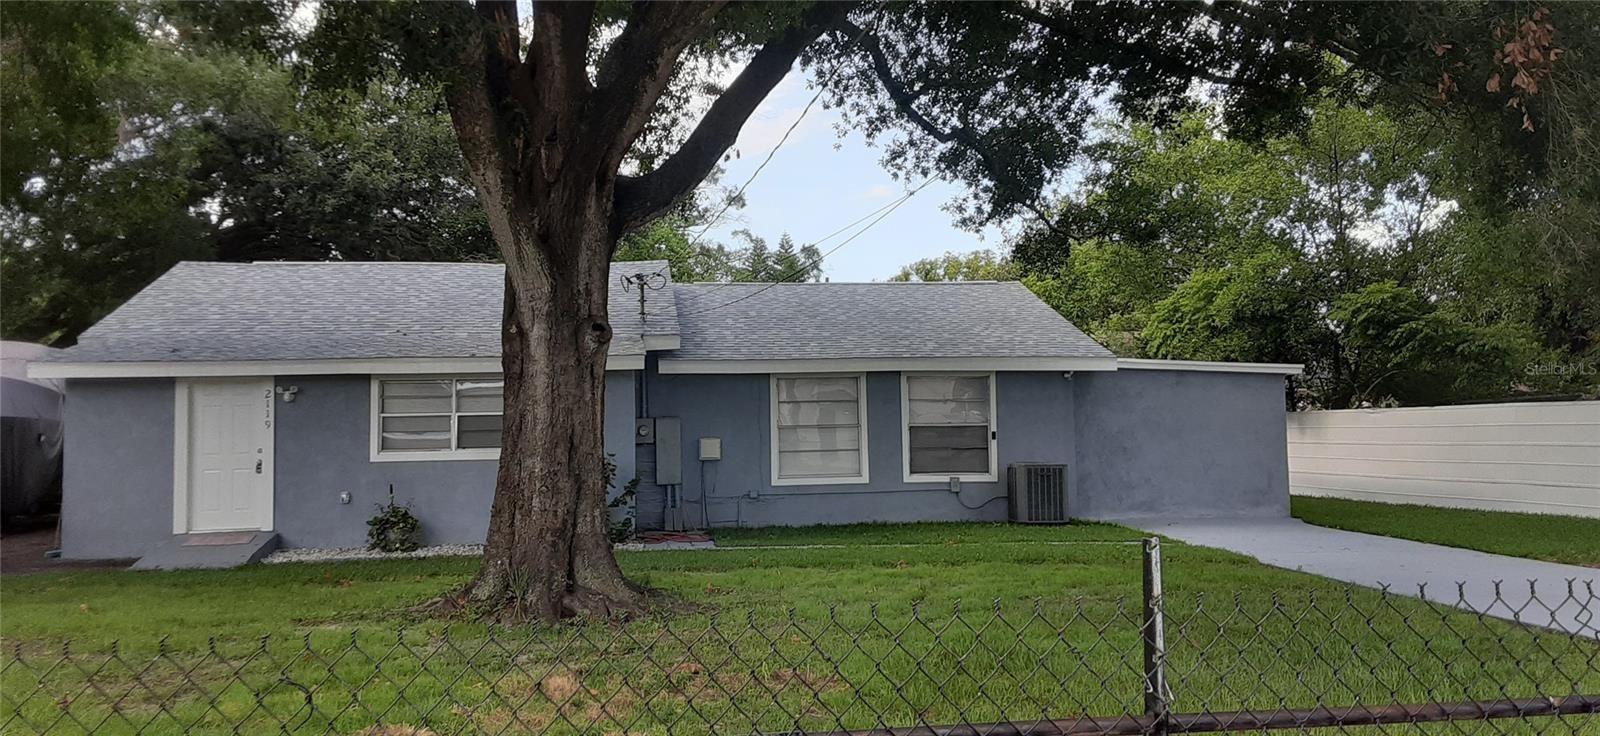 2119 W COMANCHE AVENUE, Tampa, FL 33603 - #: T3311462